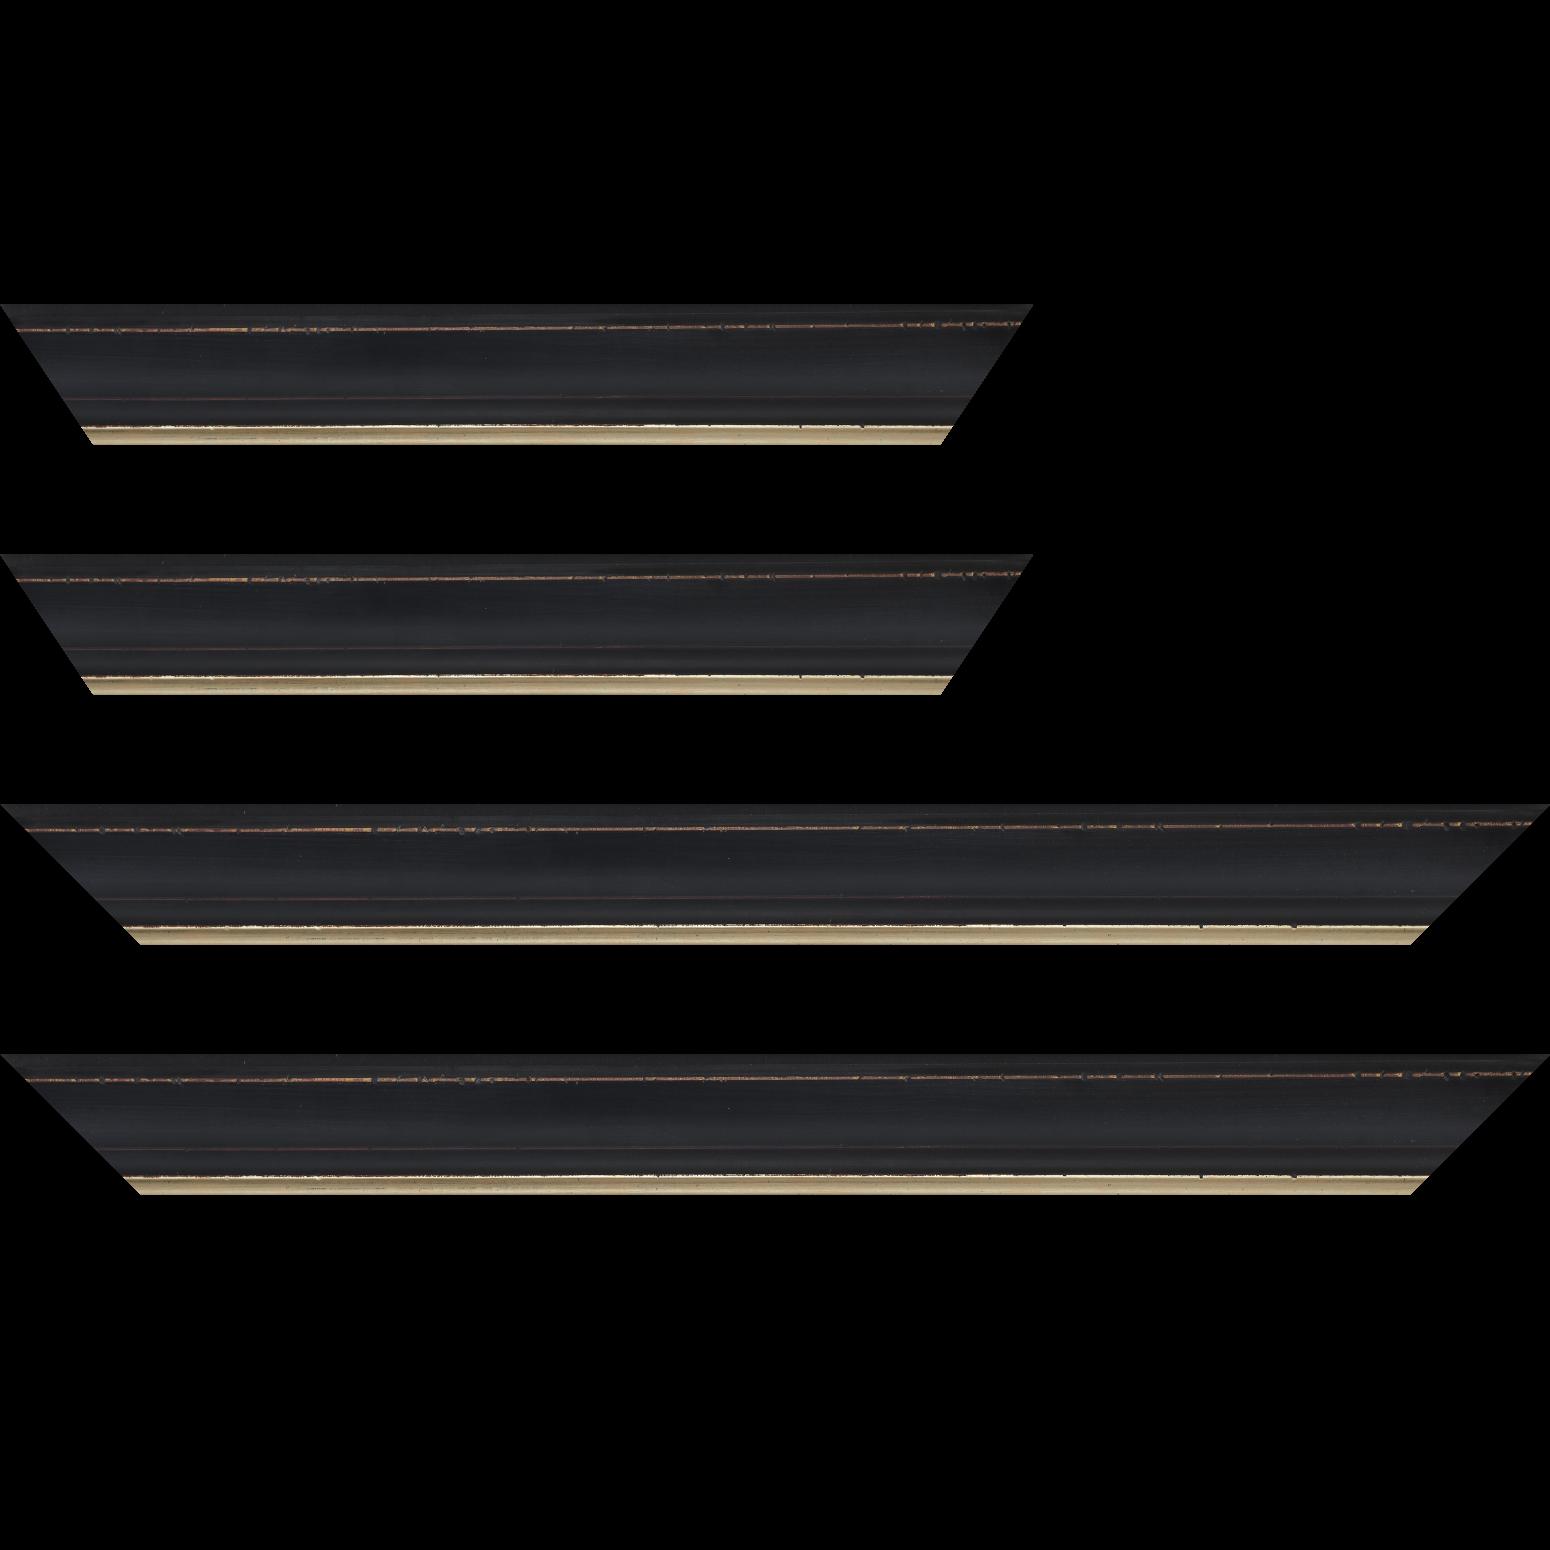 Baguette service précoupé Bois profil incurvé largeur 4.2cm couleur noir filet or fondu finition nature